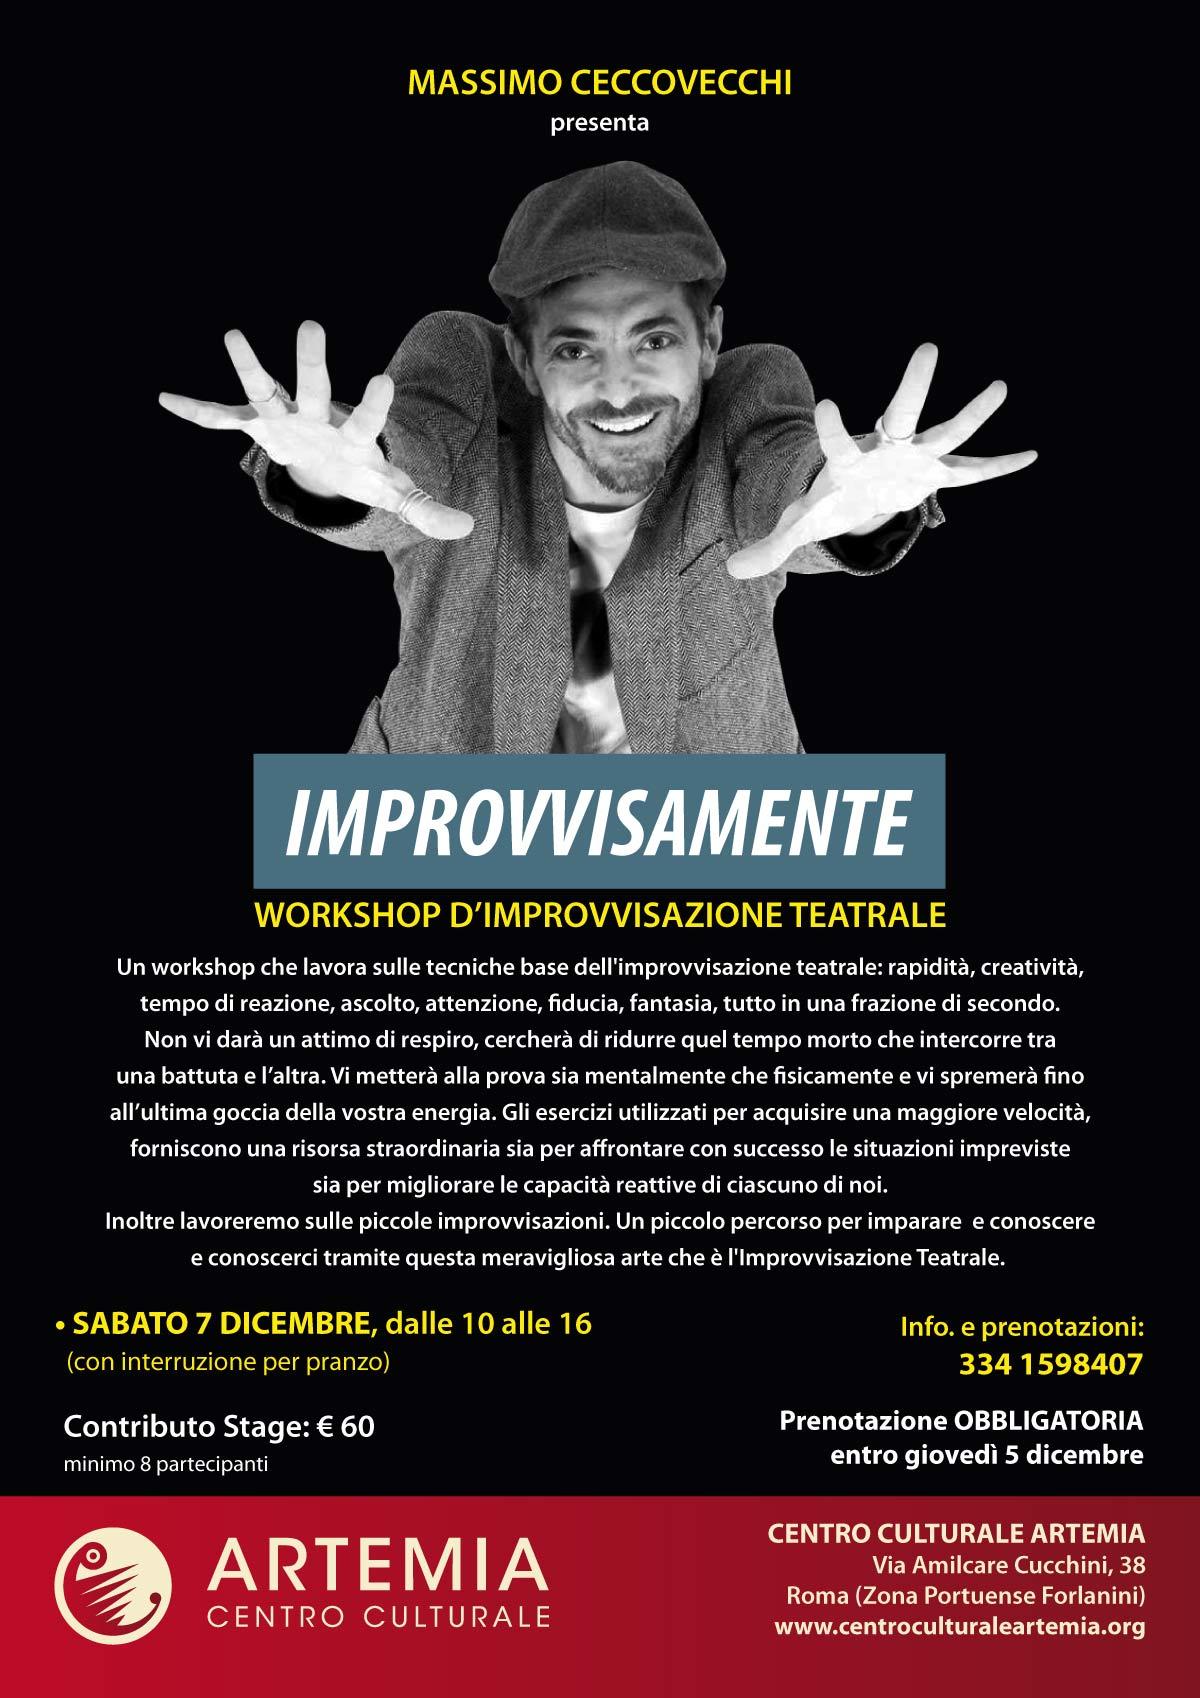 IMPROVVISAMENTE – Workshop d'Improvvisazione Teatrale con Massimo Ceccovecchi